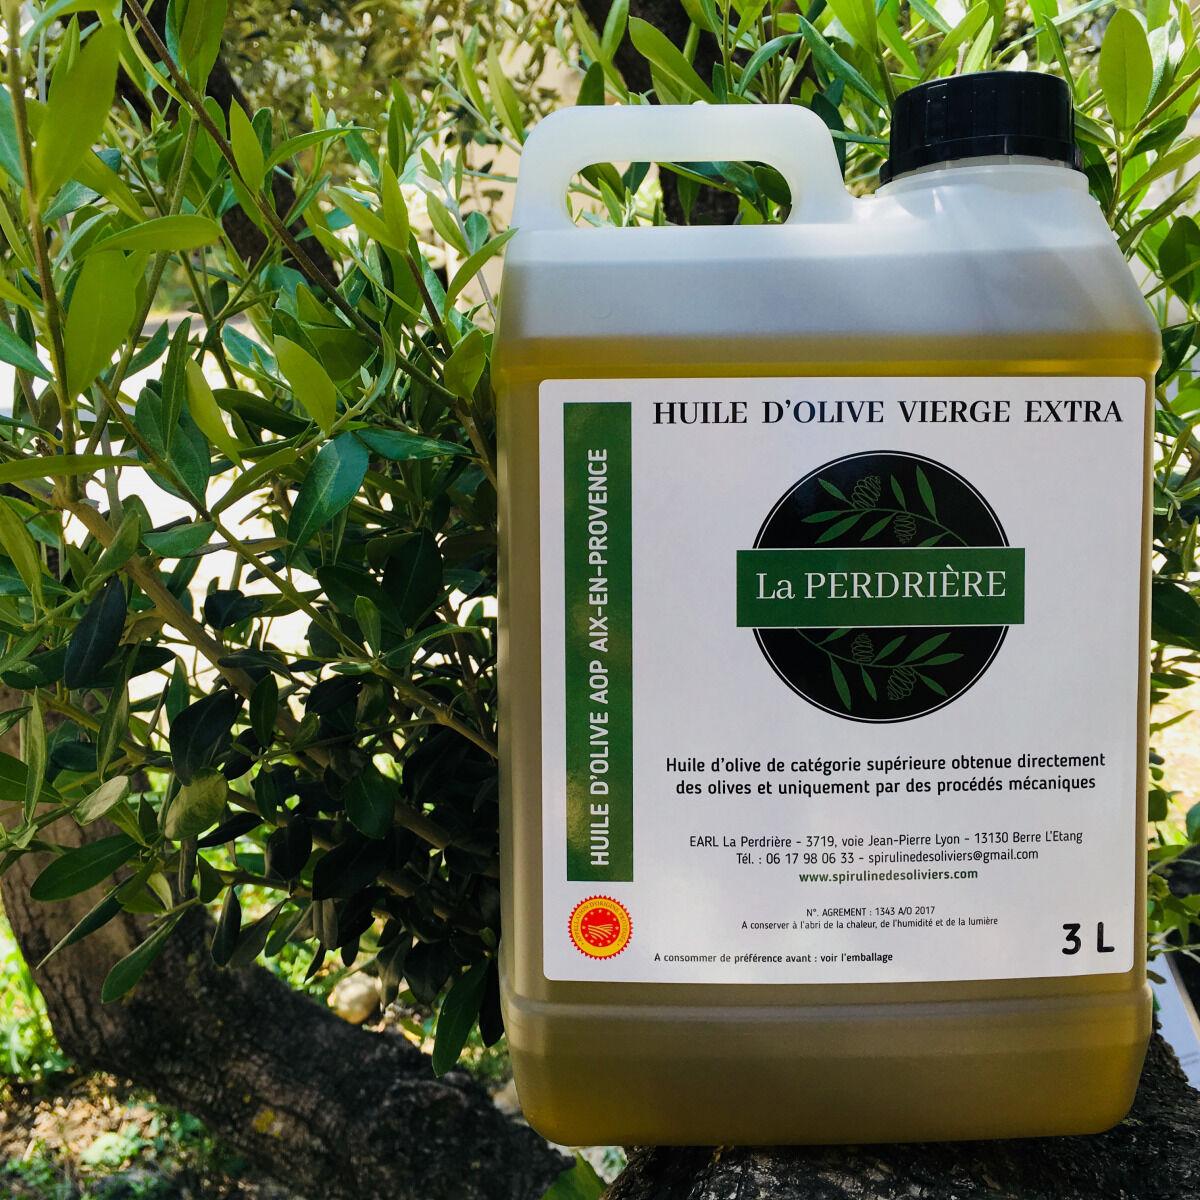 Spiruline des Oliviers Huile D'olive Vierge Extra Aop Aix-en-Provence 3L